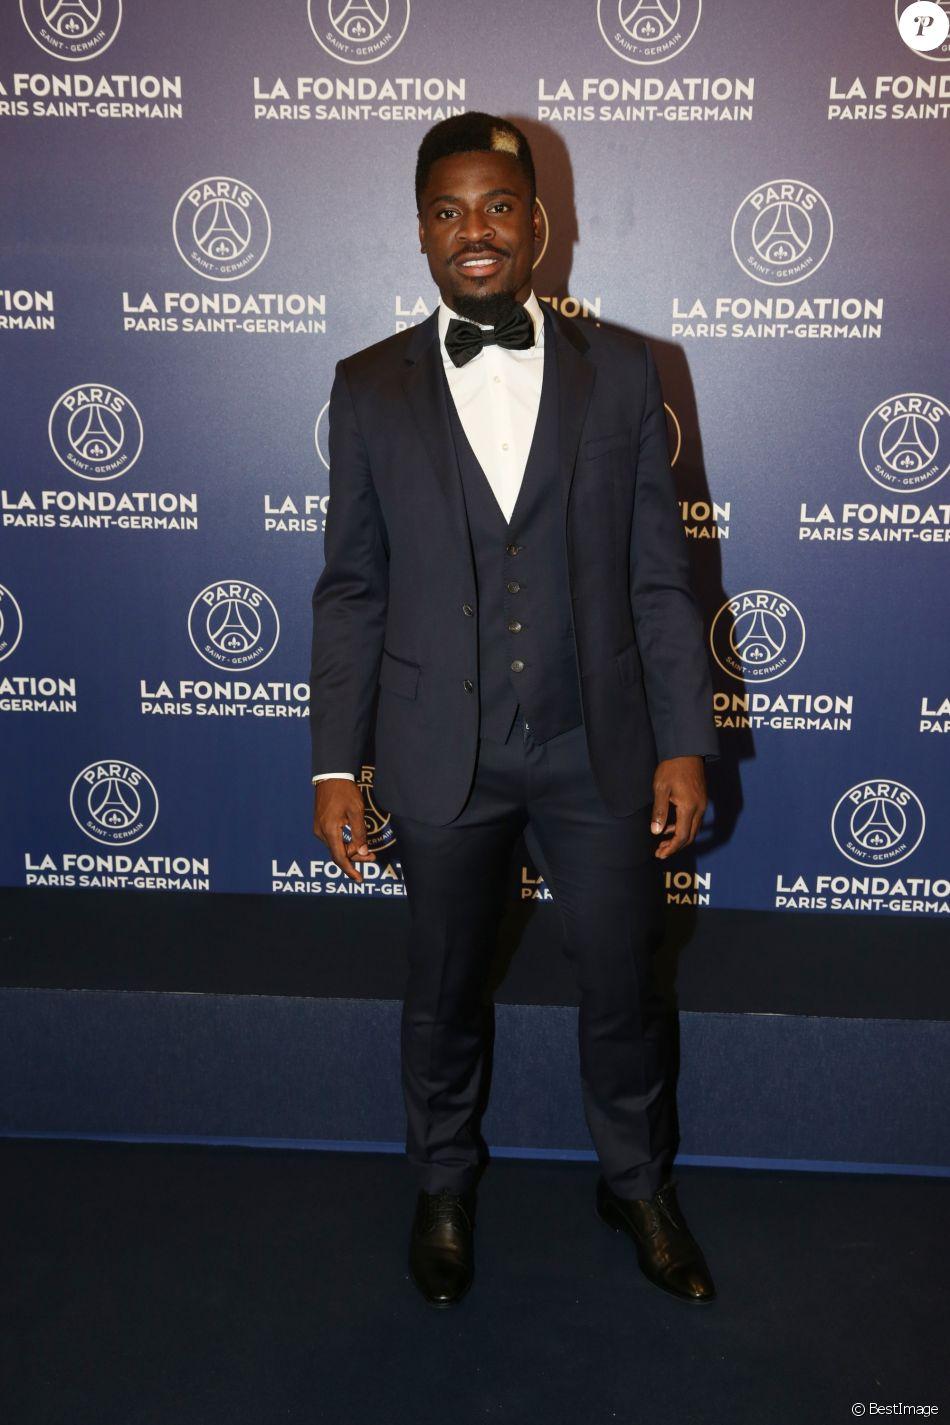 Exclusif - Serge Aurier - Dîner de gala au profit de la Fondation PSG au Parc des Princes à Paris le 16 mai 2017. © Rachid Bellak/Bestimage